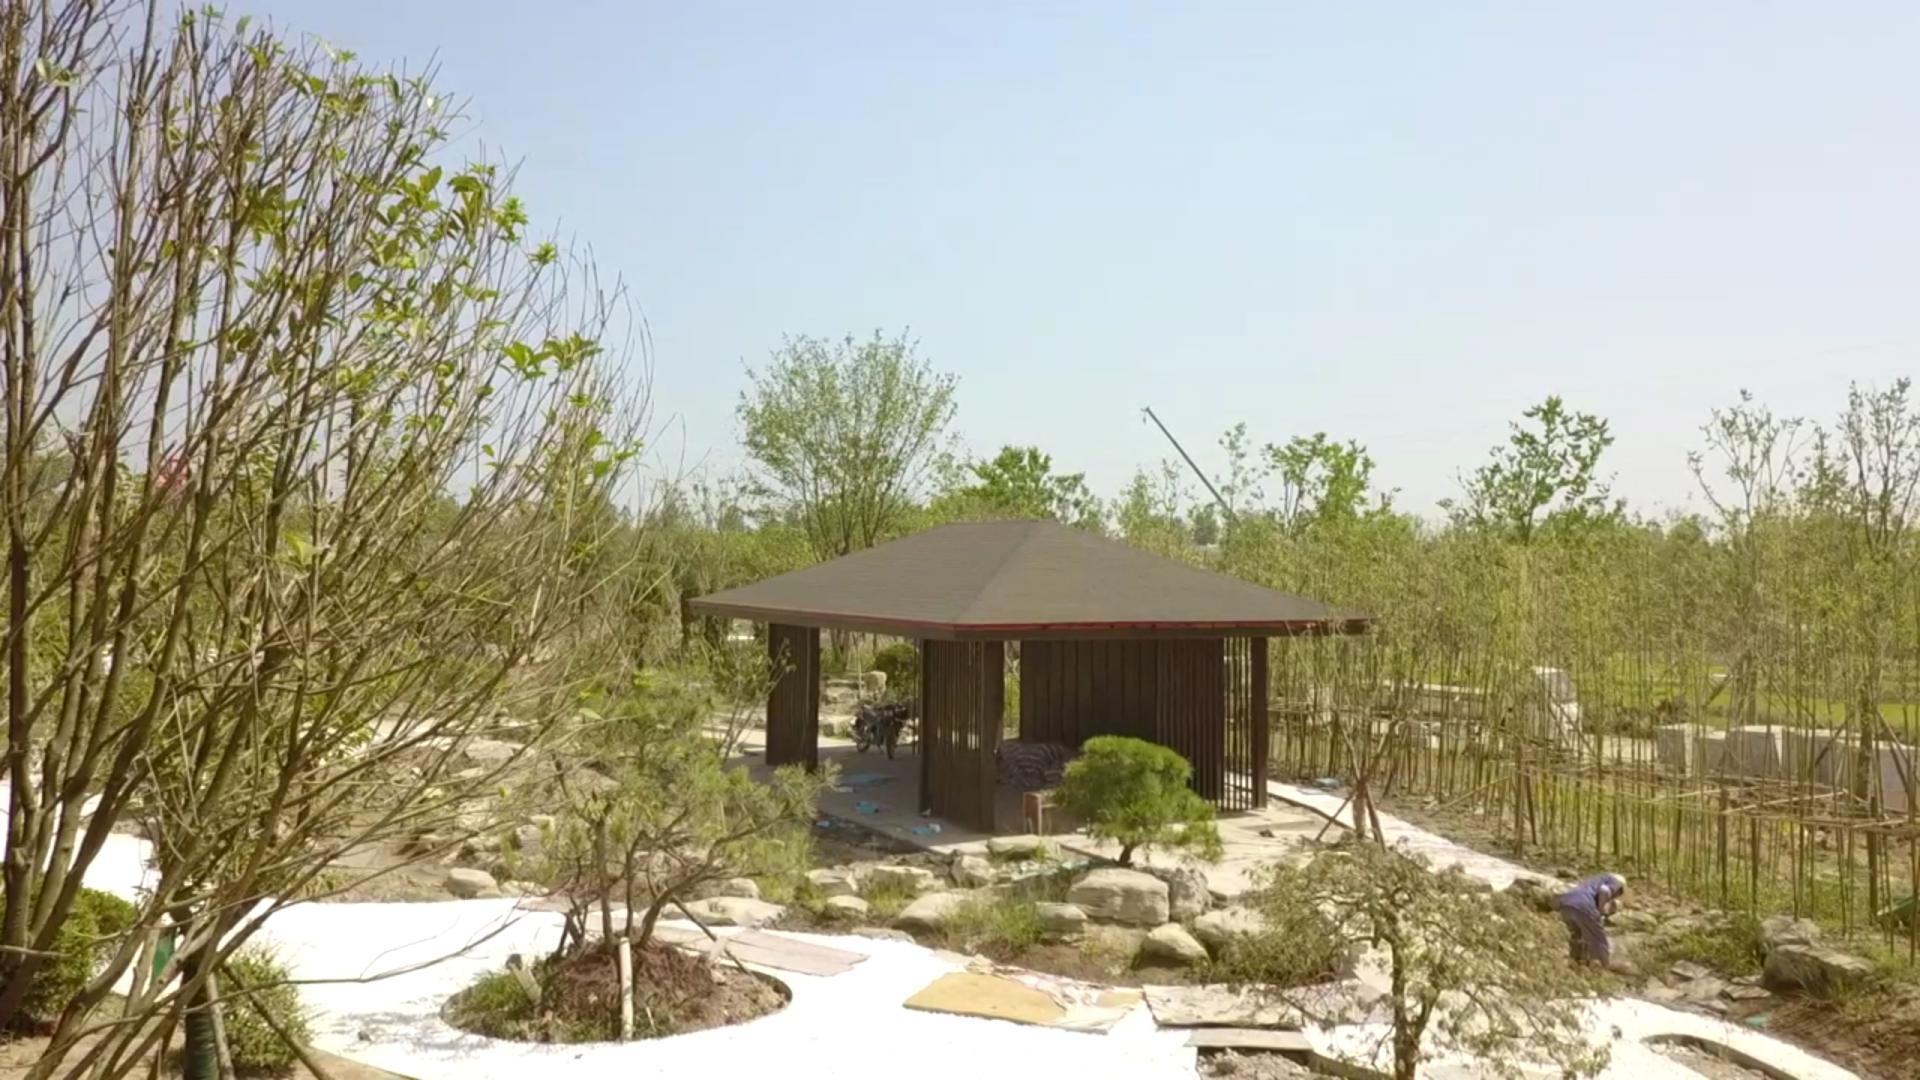 关注荆州园博会:日本园 枯山流水 禅意净心